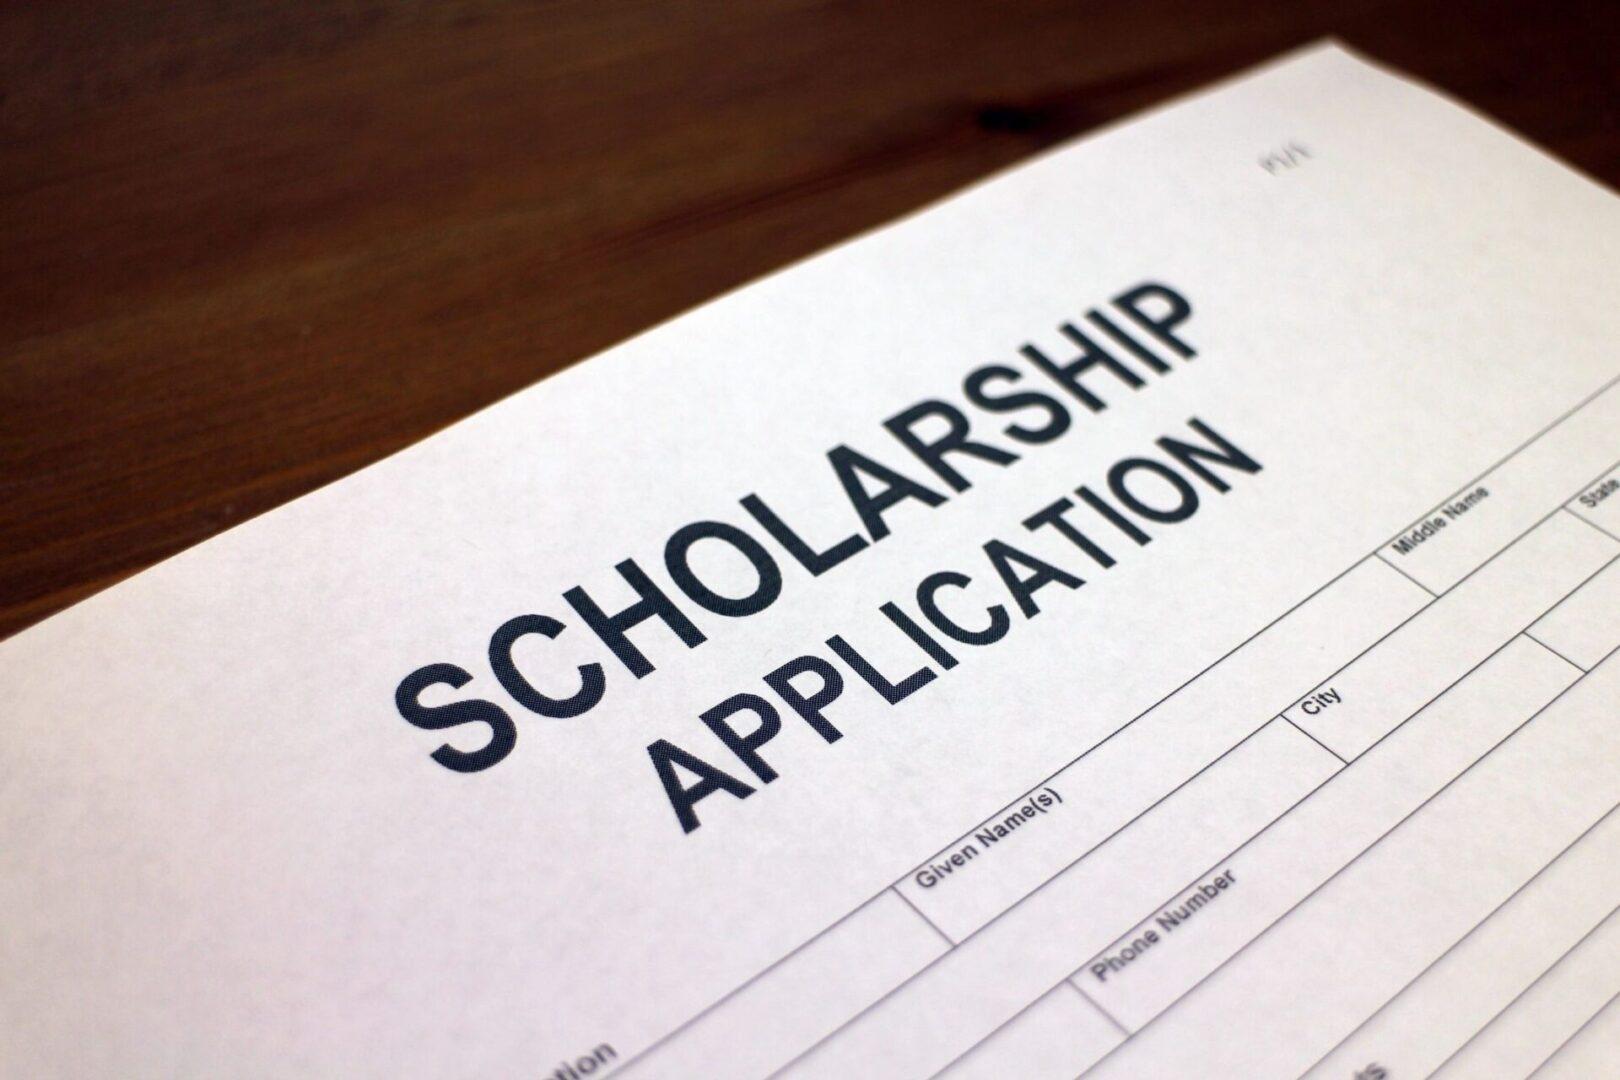 Scholars Fund